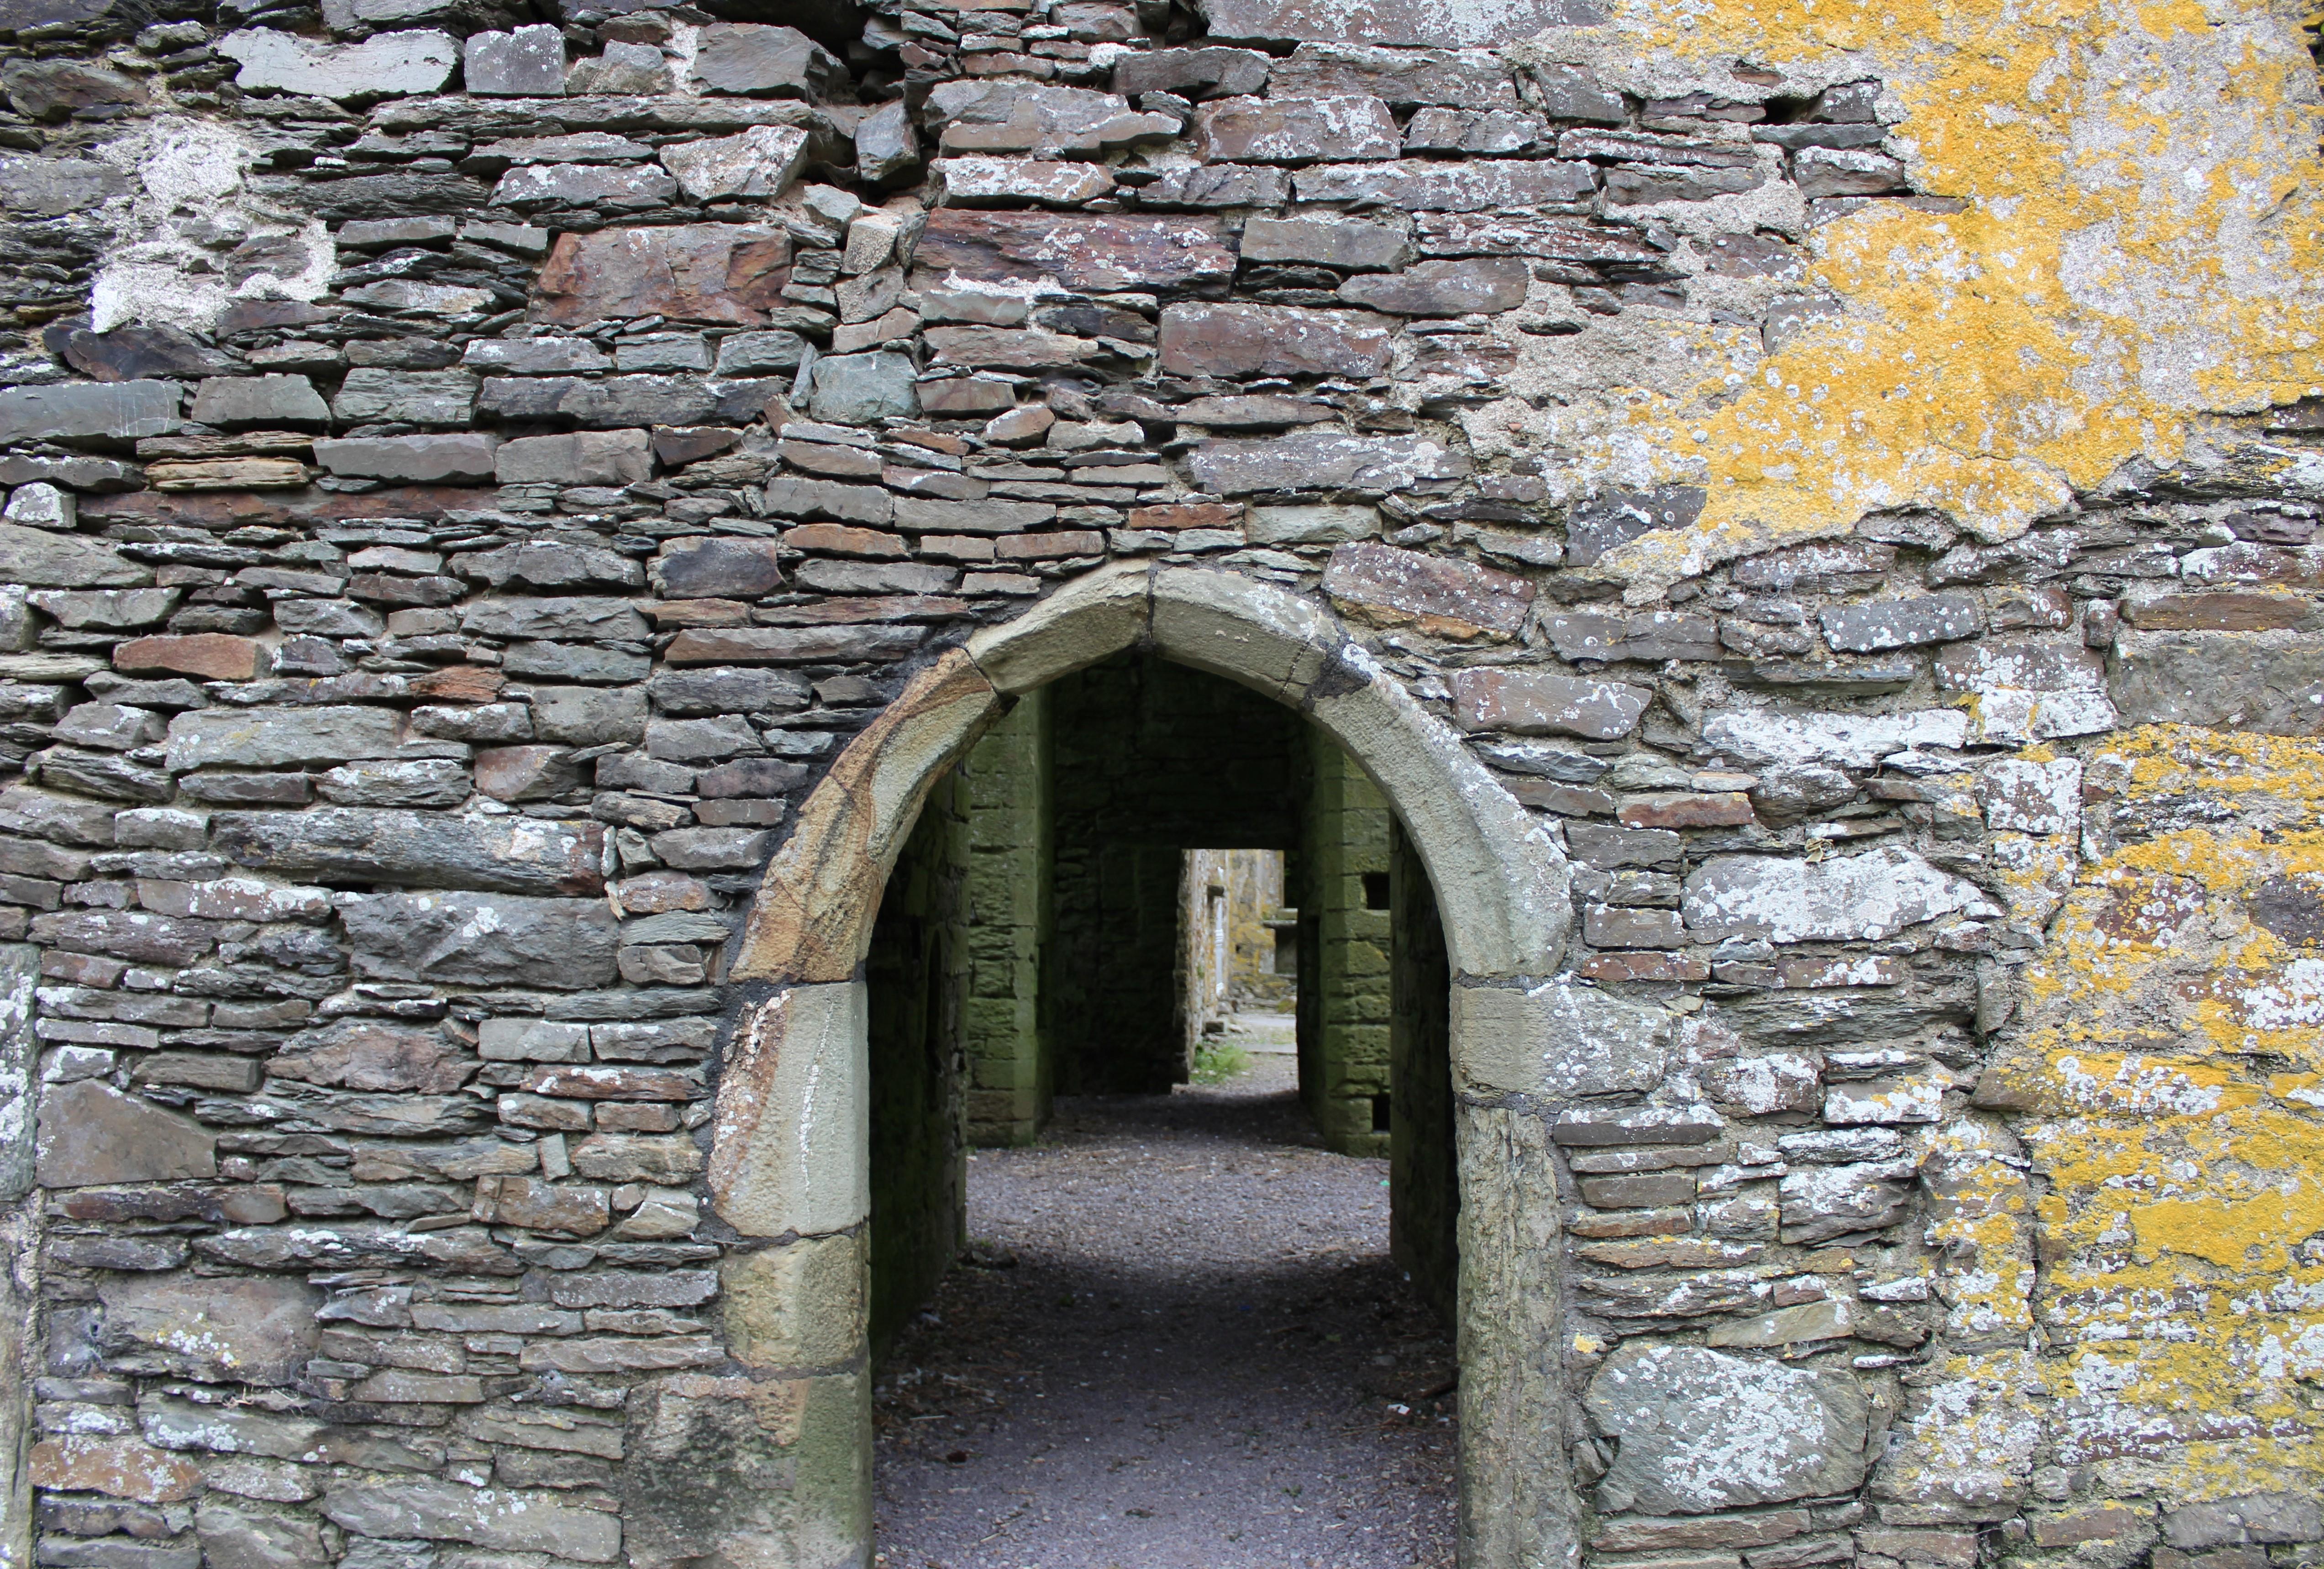 Ruins « The Irish Aesthete